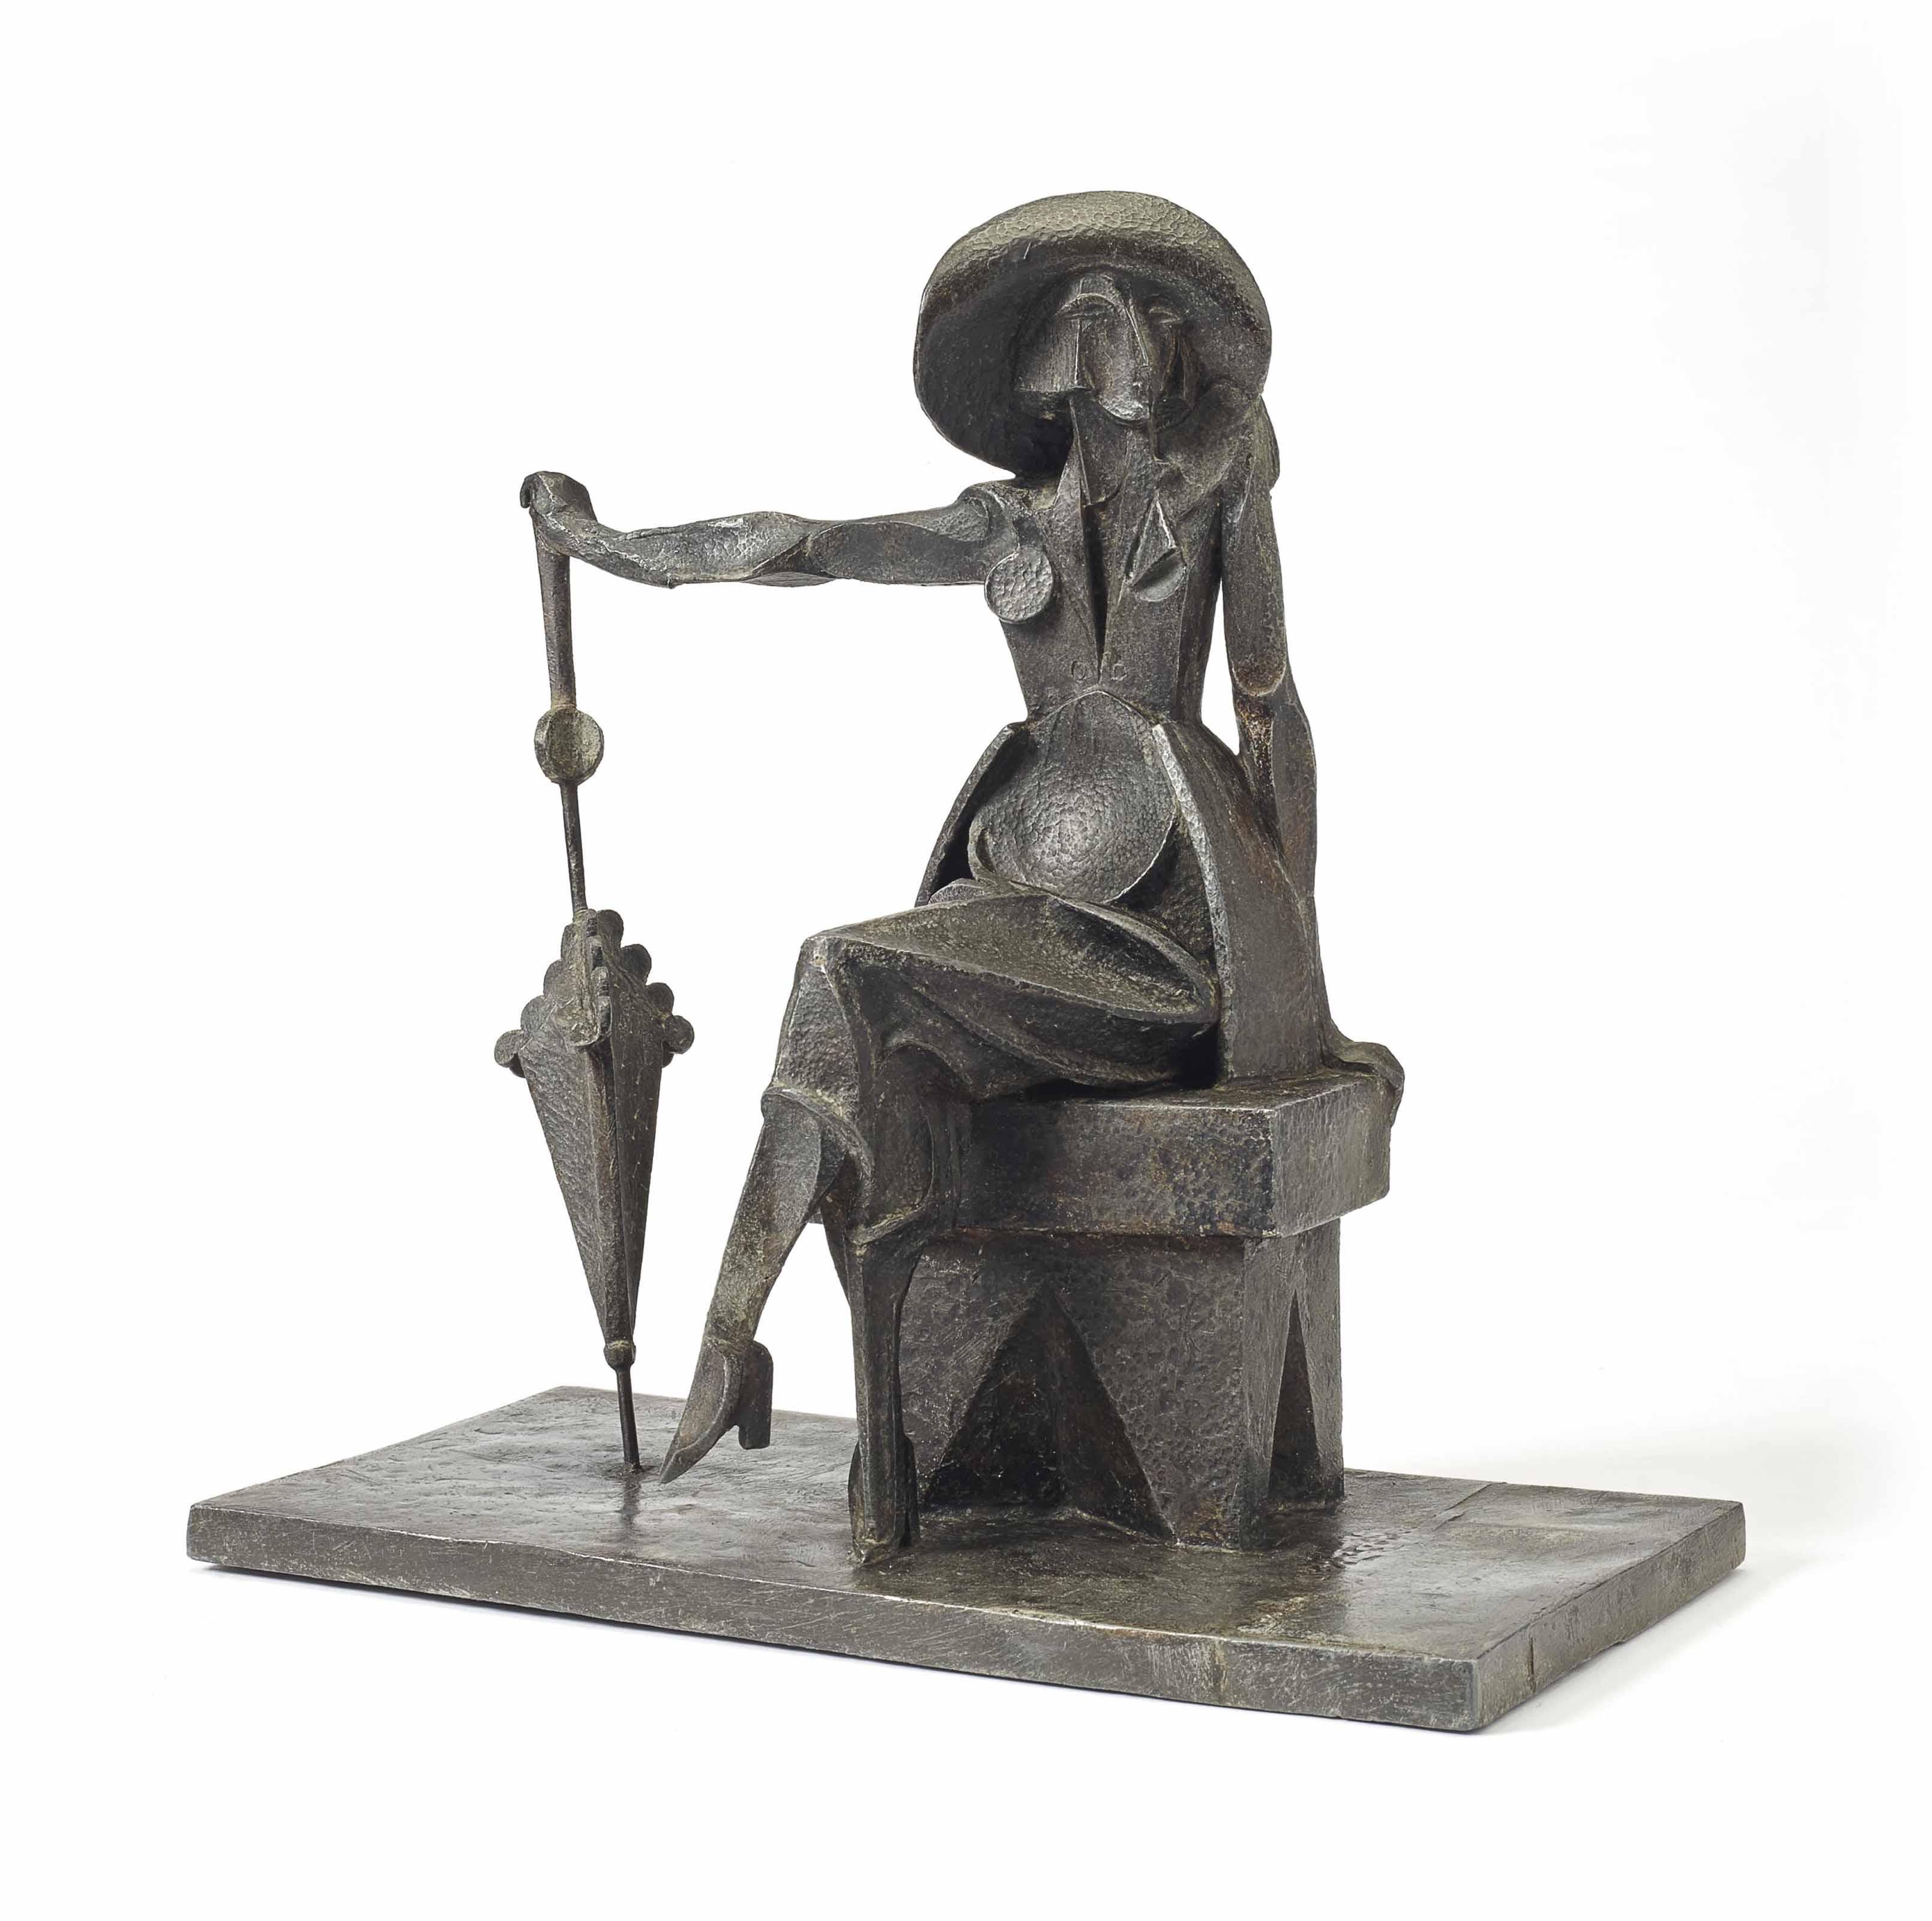 Mujer con sombrilla (Femme à l'ombrelle)